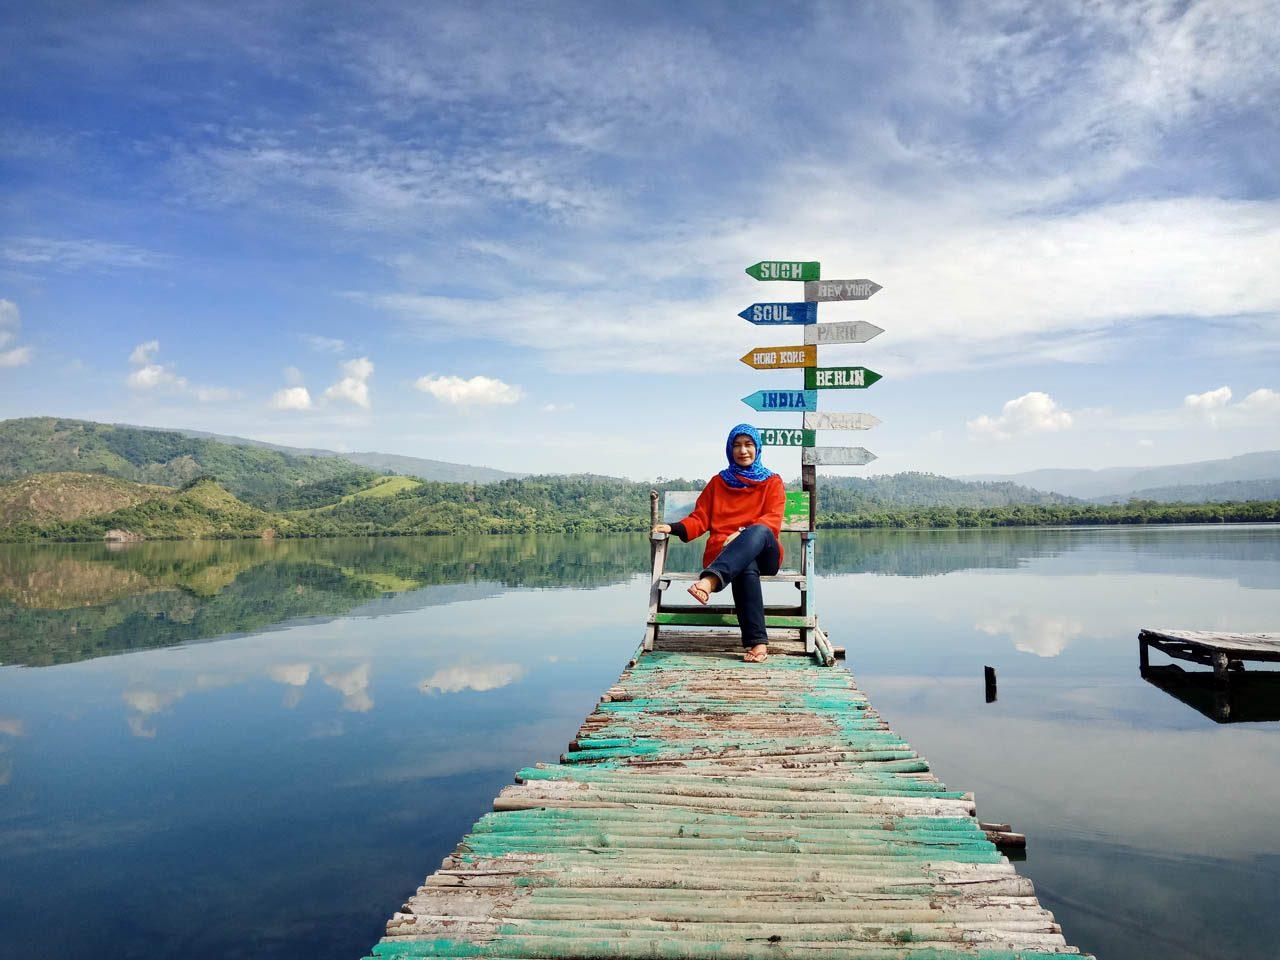 Danau Asam - Suoh Lampung Barat - Yopie Pangkey - 12